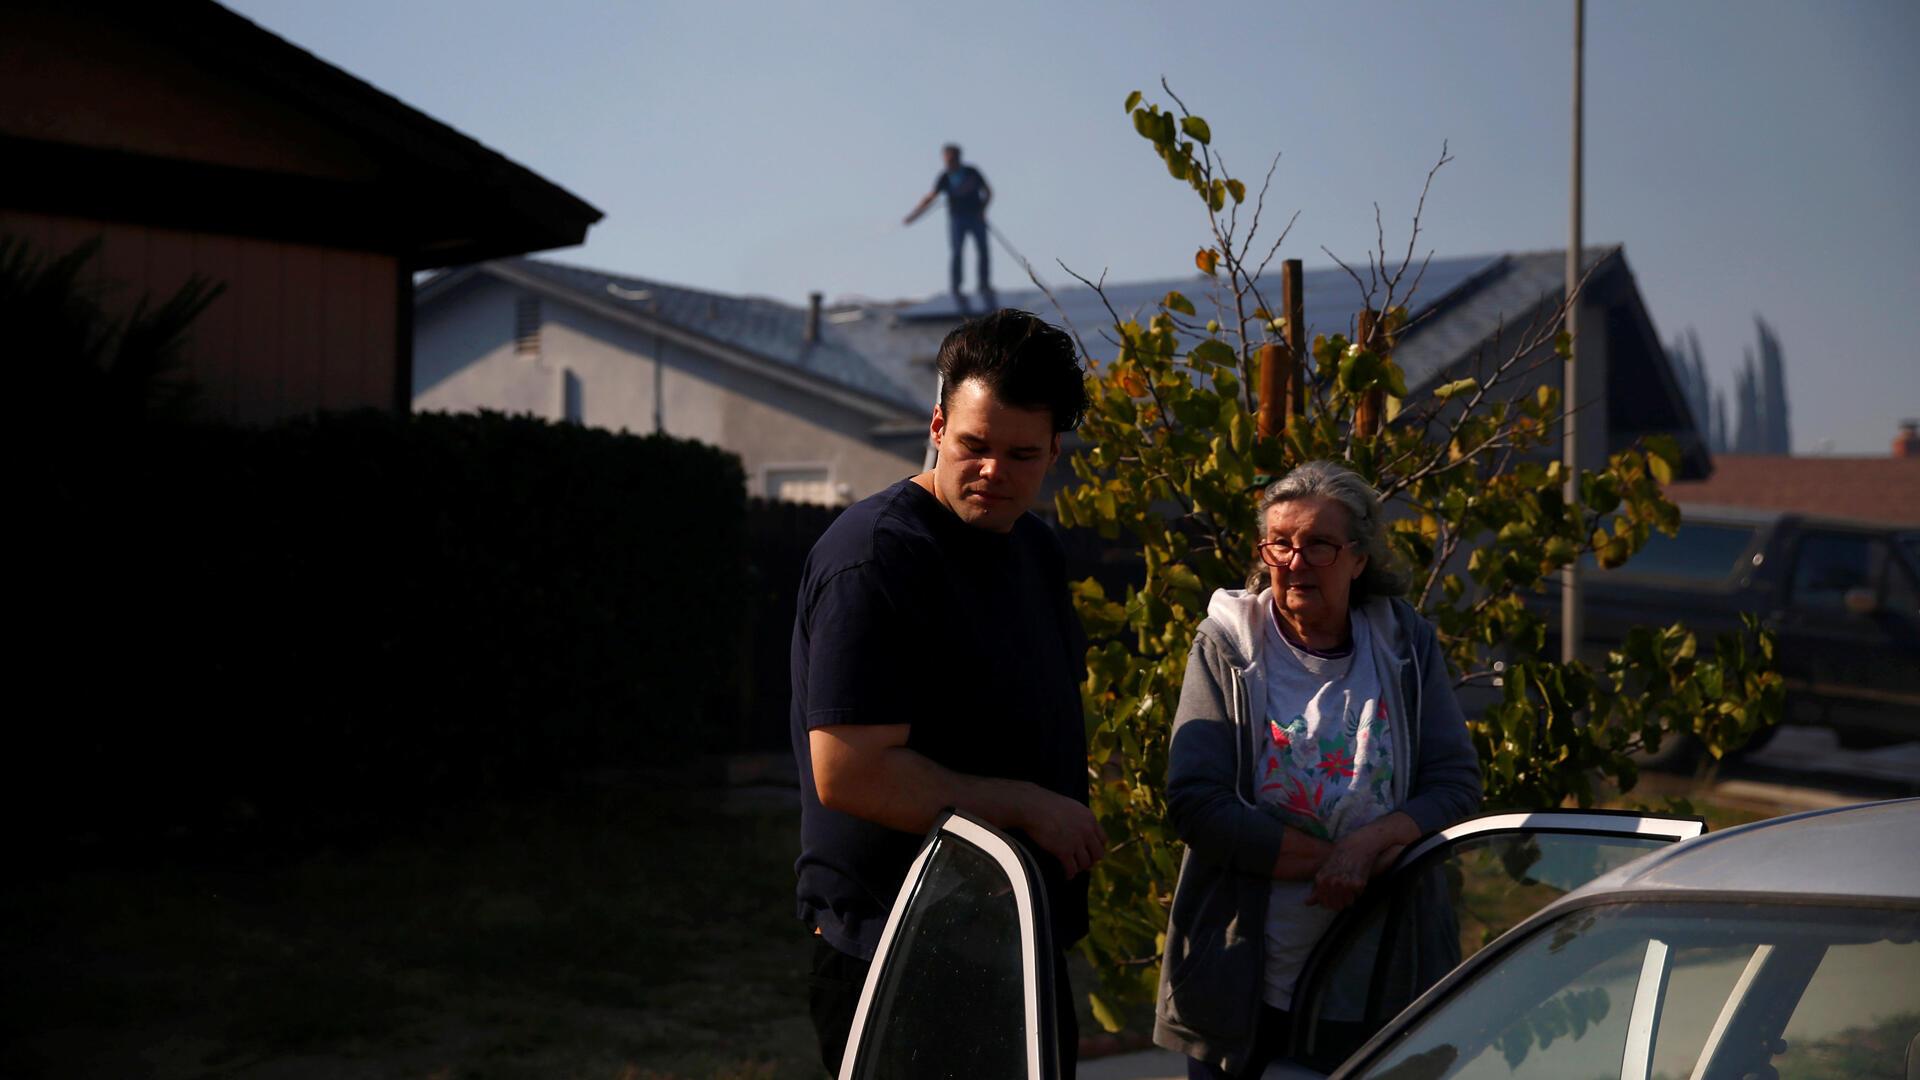 Residentes son fotografiados en Simi Valley, California, mientras los bomberos sofocan las llamas, cada vez más cerca de sus casas.